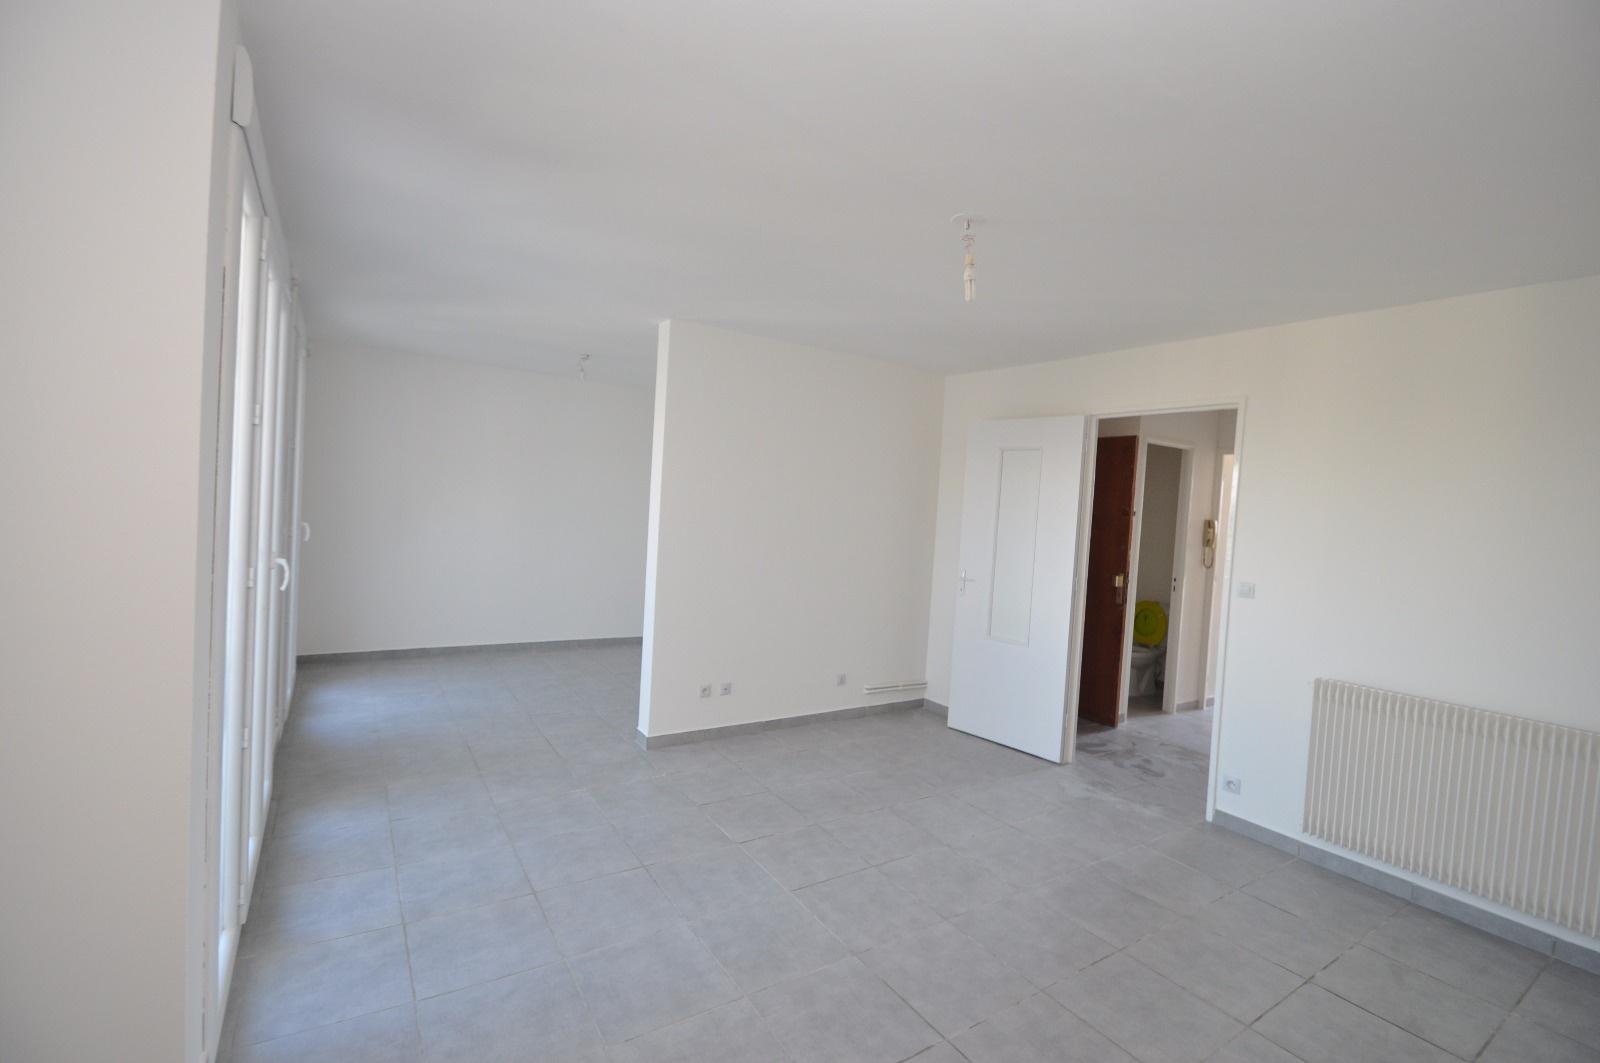 Vente appartement perpignan 66000 maisons perpignan for Piscine moulin a vent perpignan